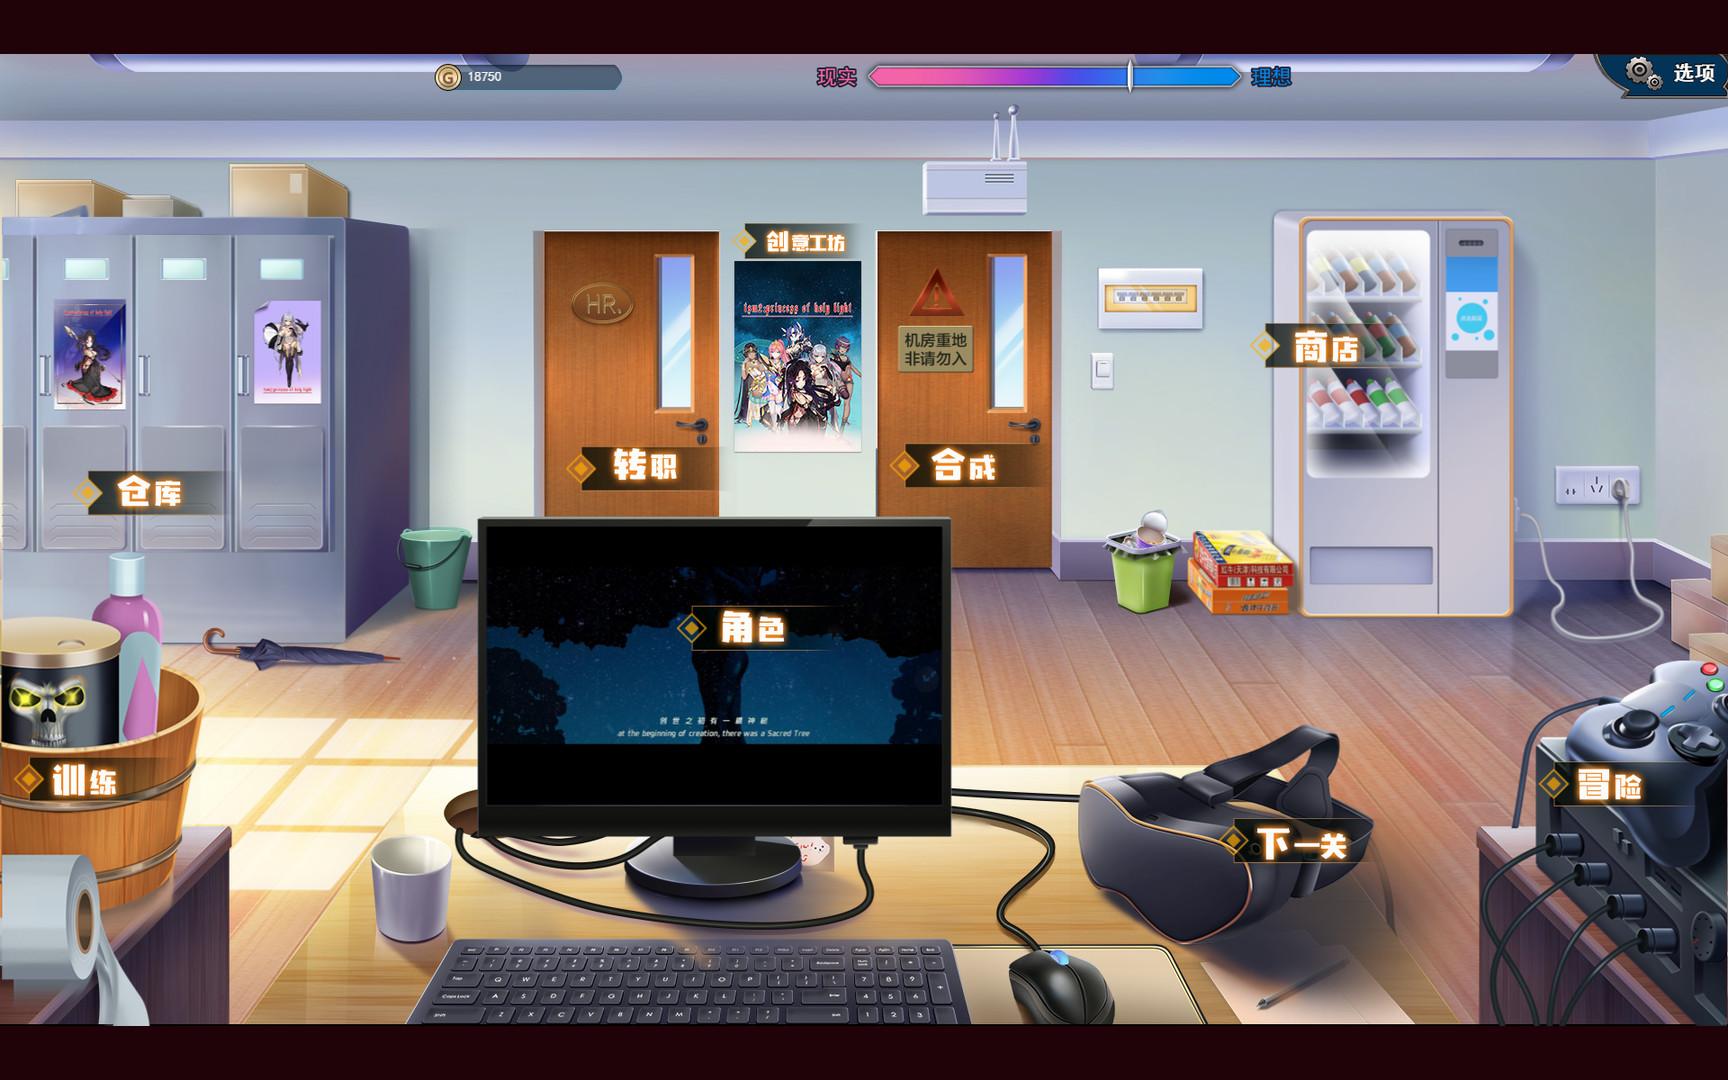 双面战姬:起源(V1.0.19-680)插图19